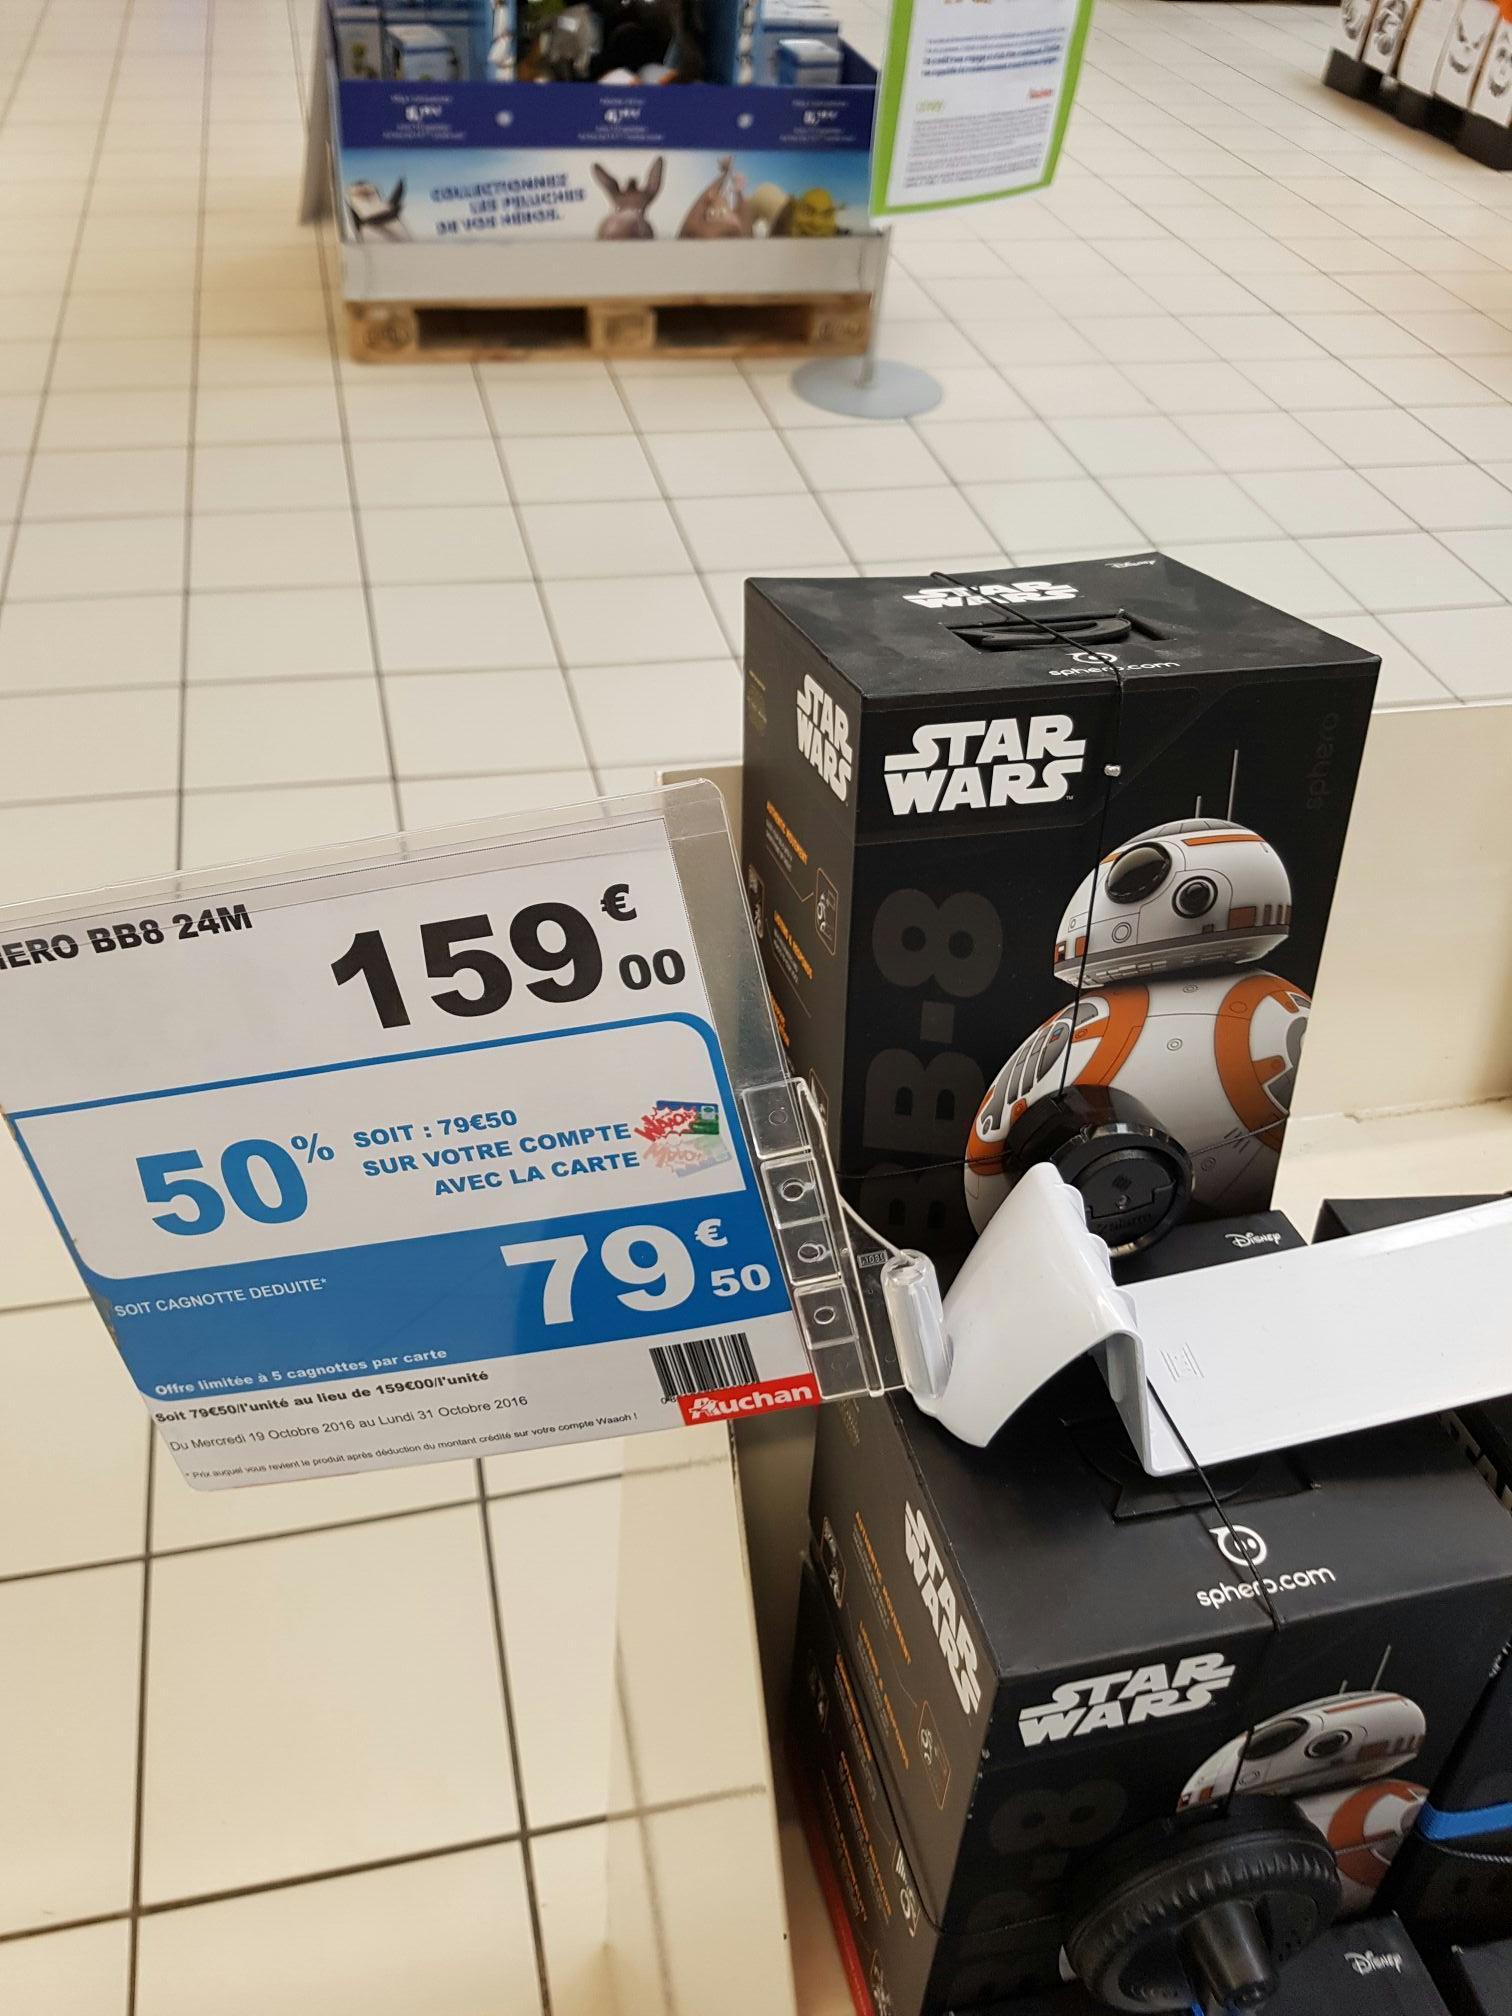 Droïde télécommandé Star Wars Sphero BB-8 à (avec 79.50€ sur la carte)